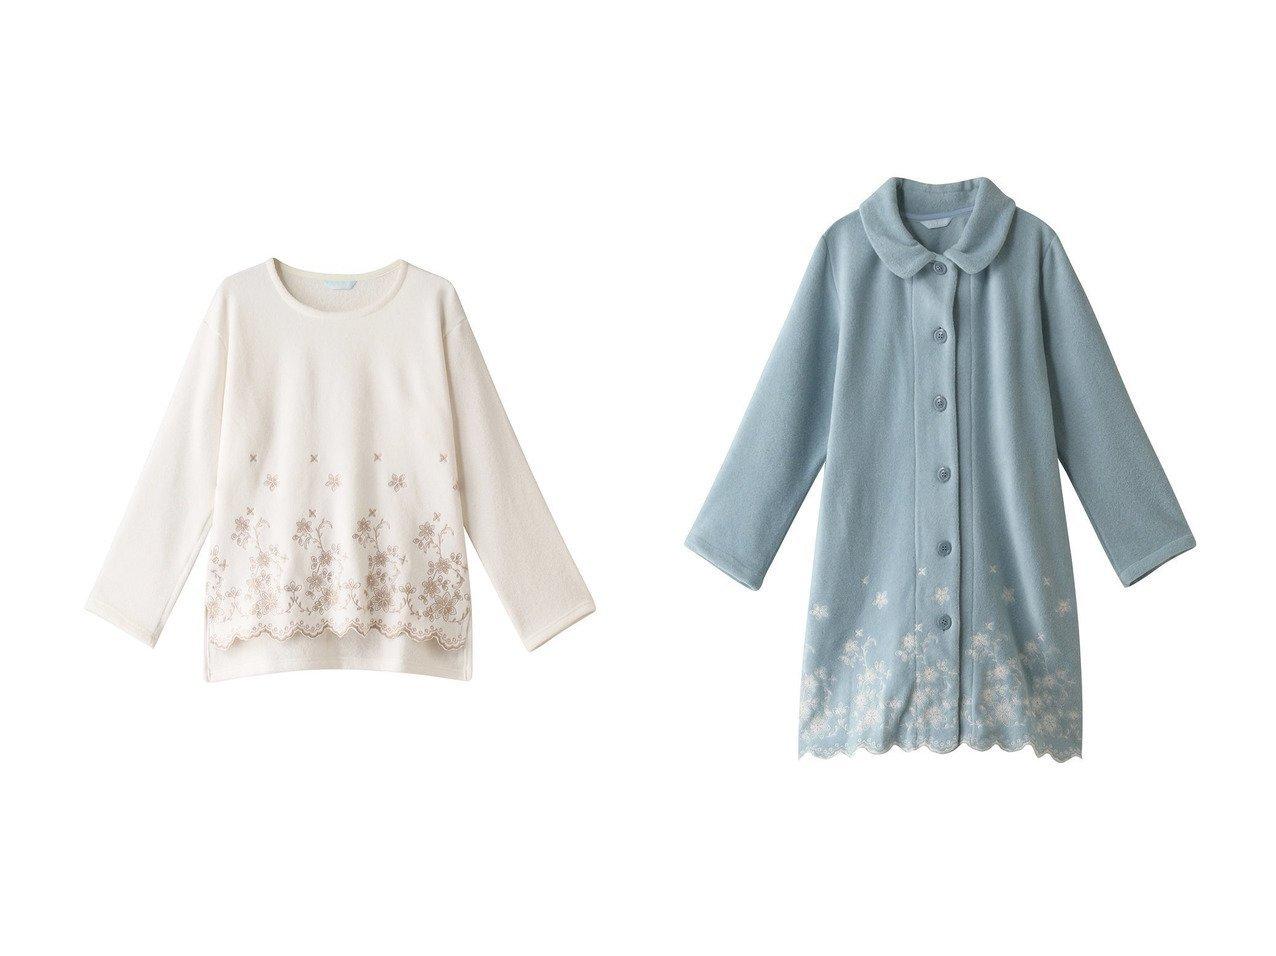 【KID BLUE/キッドブルー】の21フリースエンブトップ&21フリースエンブガウン 【ルームウェア・パジャマ】おすすめ!人気、トレンド・レディースファッションの通販 おすすめで人気の流行・トレンド、ファッションの通販商品 インテリア・家具・メンズファッション・キッズファッション・レディースファッション・服の通販 founy(ファニー) https://founy.com/ ファッション Fashion レディースファッション WOMEN トップス・カットソー Tops/Tshirt お家時間・ステイホーム Home Time/Stay Home ガウン スカラップ フラワー シンプル フォルム ボトム |ID:crp329100000071780